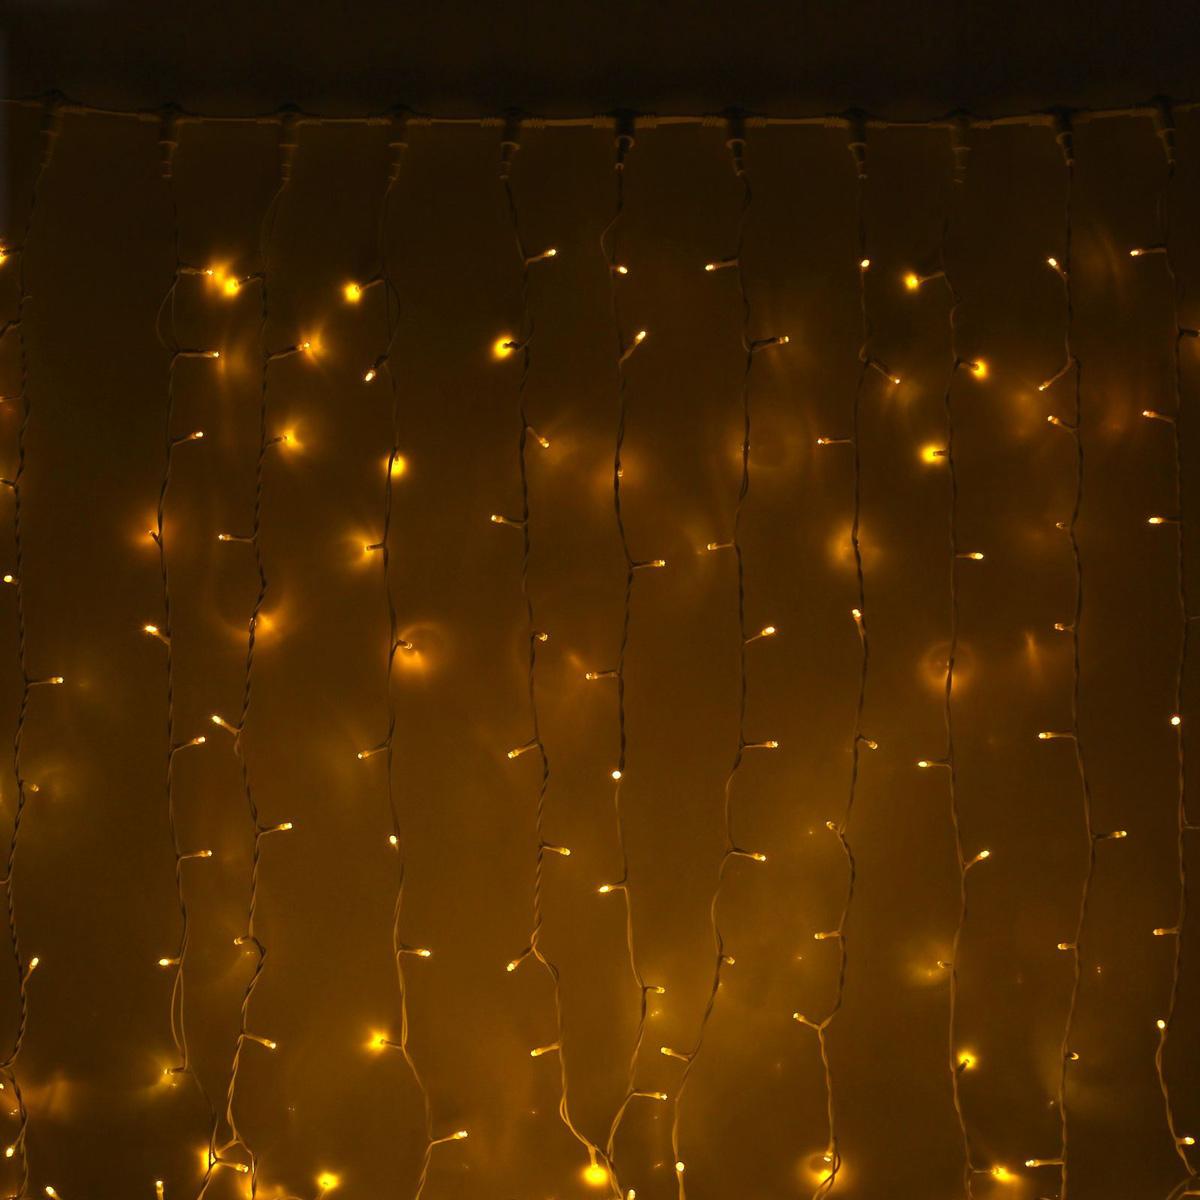 Гирлянда светодиодная Luazon Занавес, цвет: желтый, уличная, 1440 ламп, 220 V, 2 х 6 м. 10802601080260Светодиодные гирлянды и ленты — это отличный вариант для новогоднего оформления интерьера или фасада. С их помощью помещение любого размера можно превратить в праздничный зал, а внешние элементы зданий, украшенные ими, мгновенно станут напоминать очертания сказочного дворца. Такие украшения создают ауру предвкушения чуда. Деревья, фасады, витрины, окна и арки будто специально созданы, чтобы вы украсили их светящимися нитями.